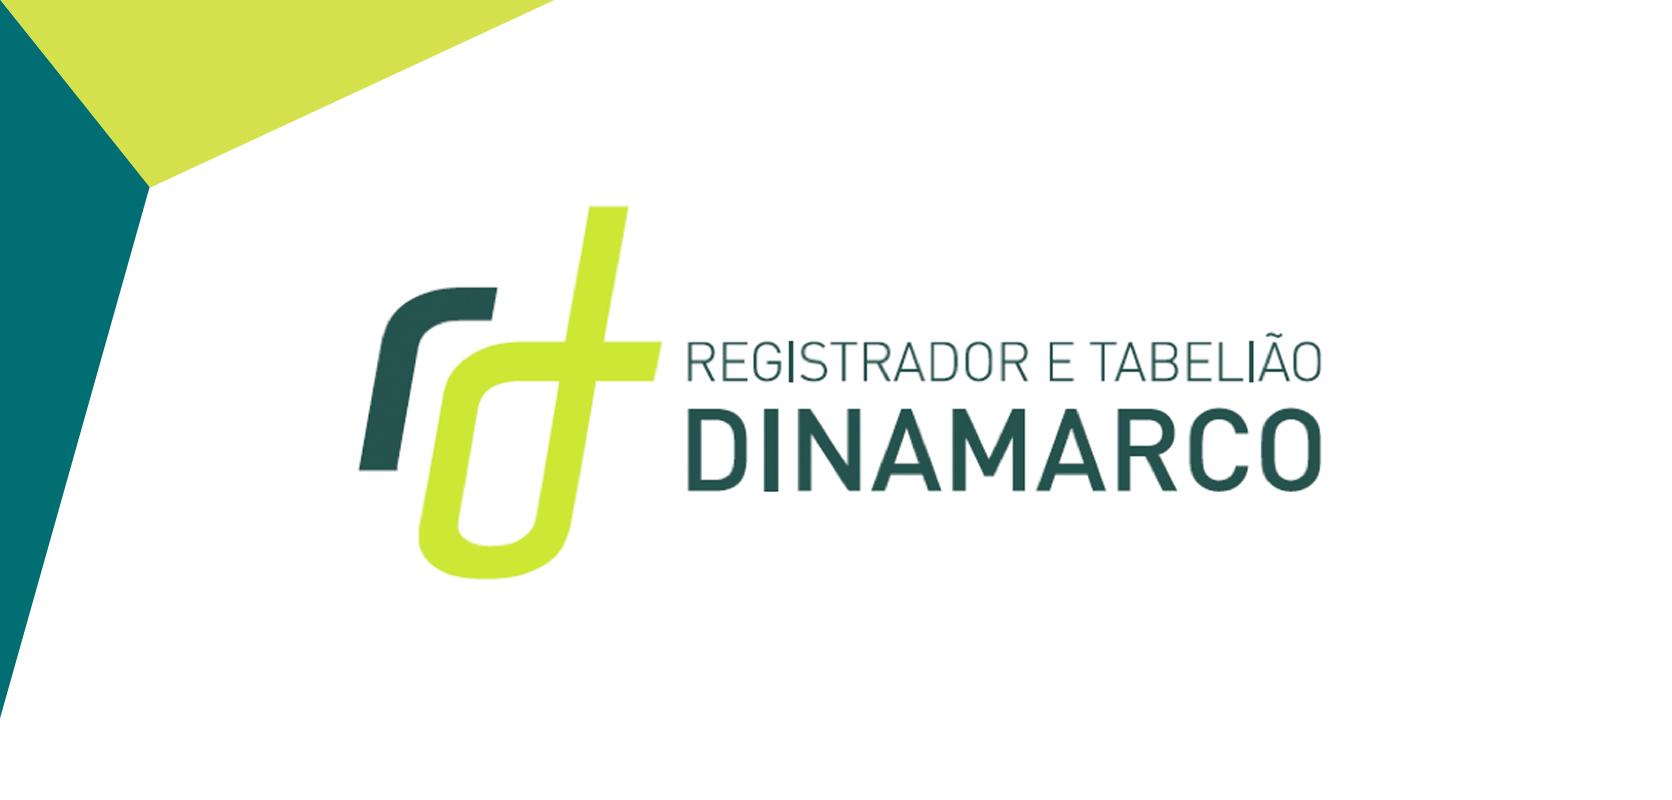 Img_Dinamarco_01